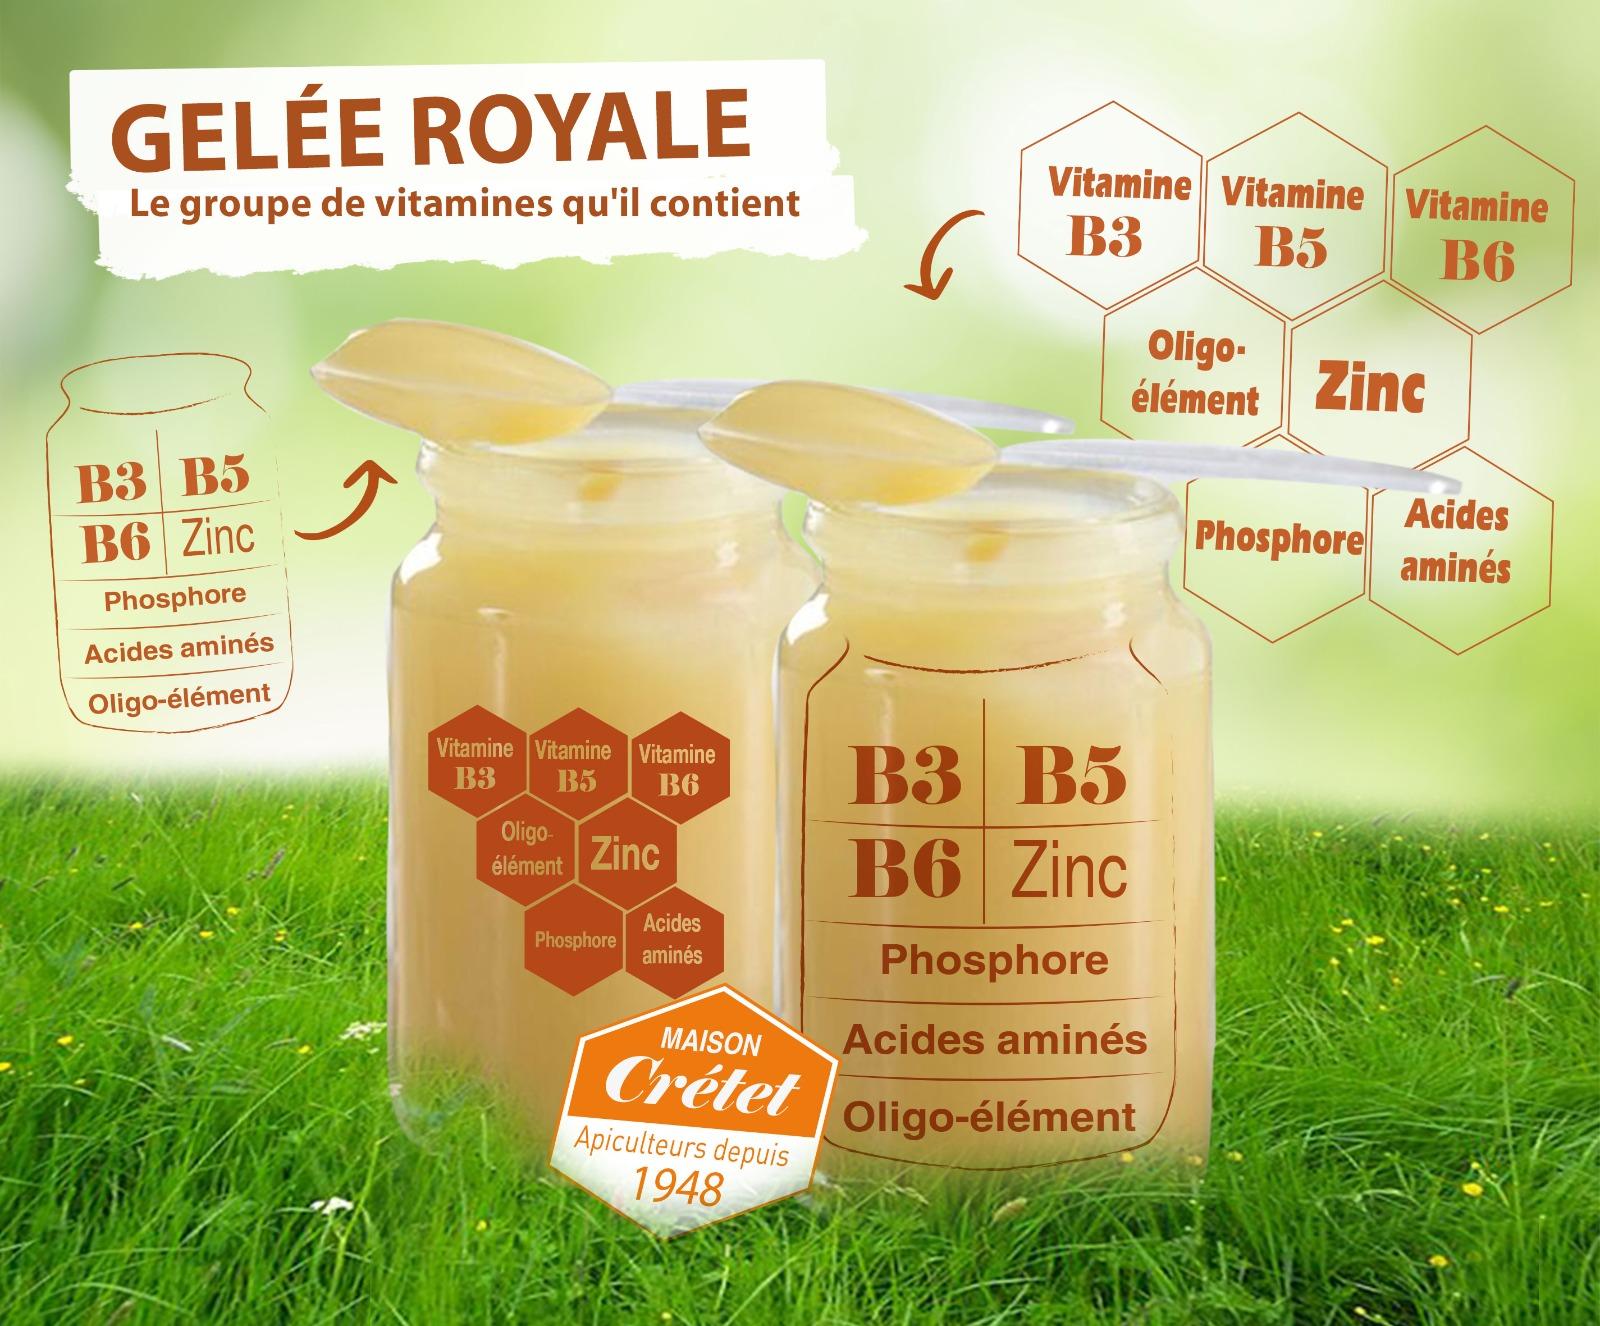 gelee royale vitamine c